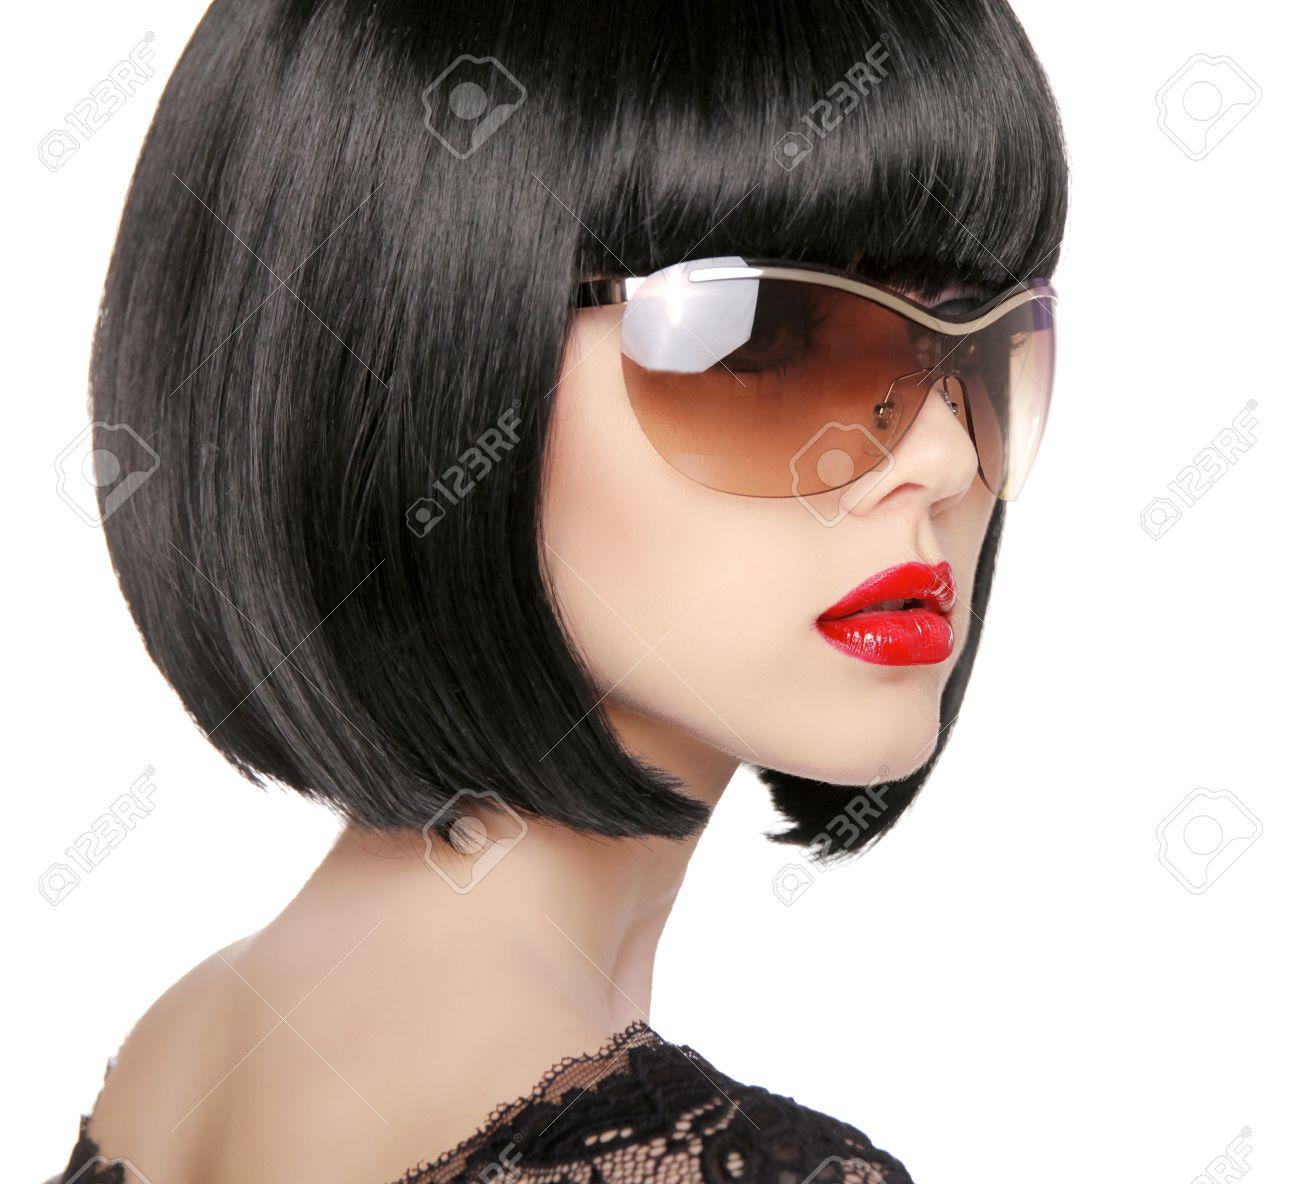 Modèle brune lunettes de soleil de mode. Belle femme glamour avec coiffure  courte noir isolé sur fond blanc.